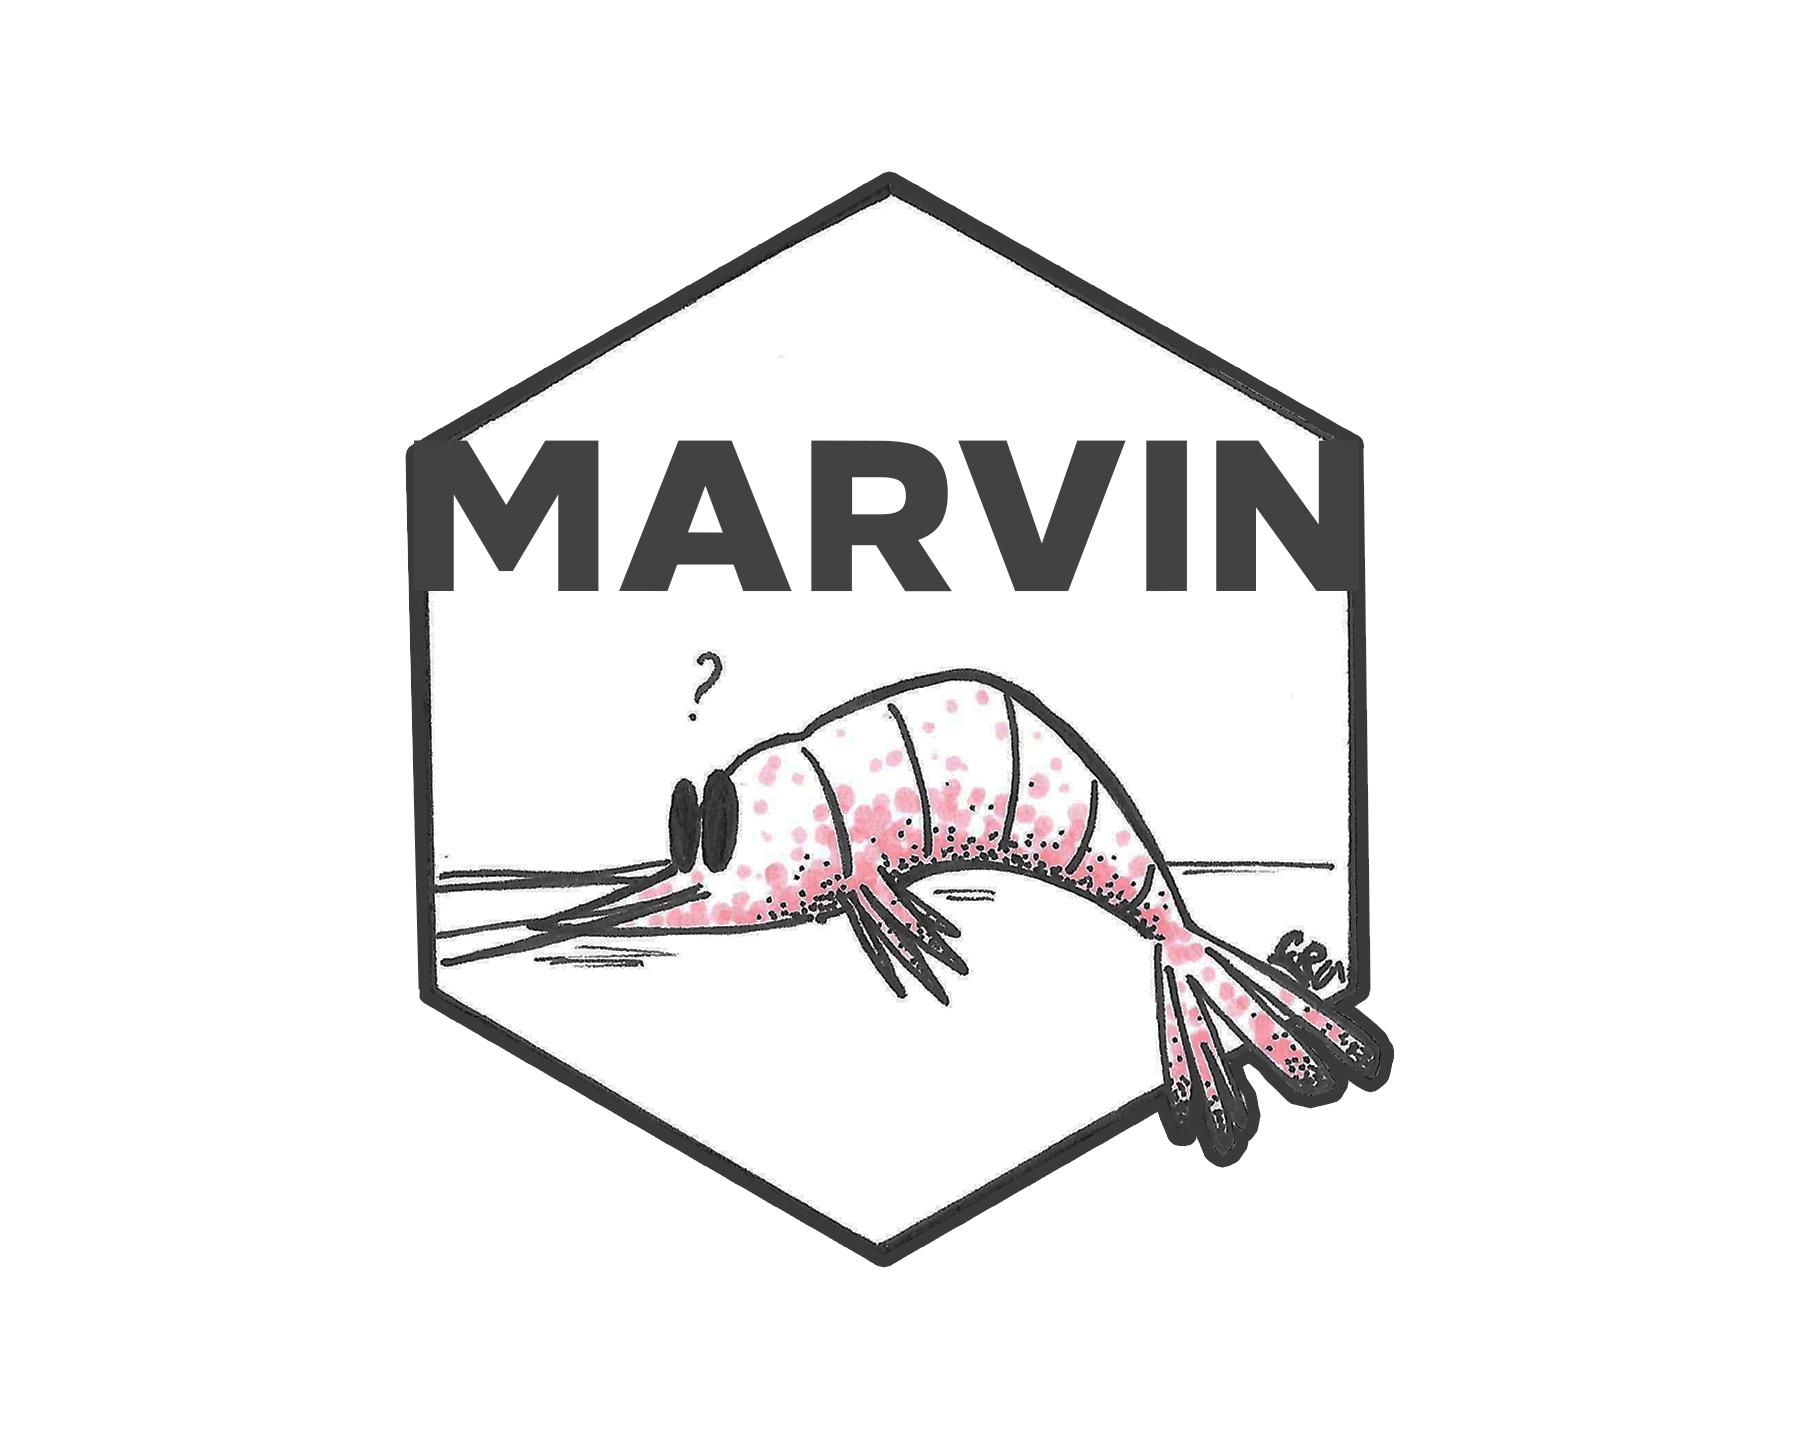 marvin rivista logo